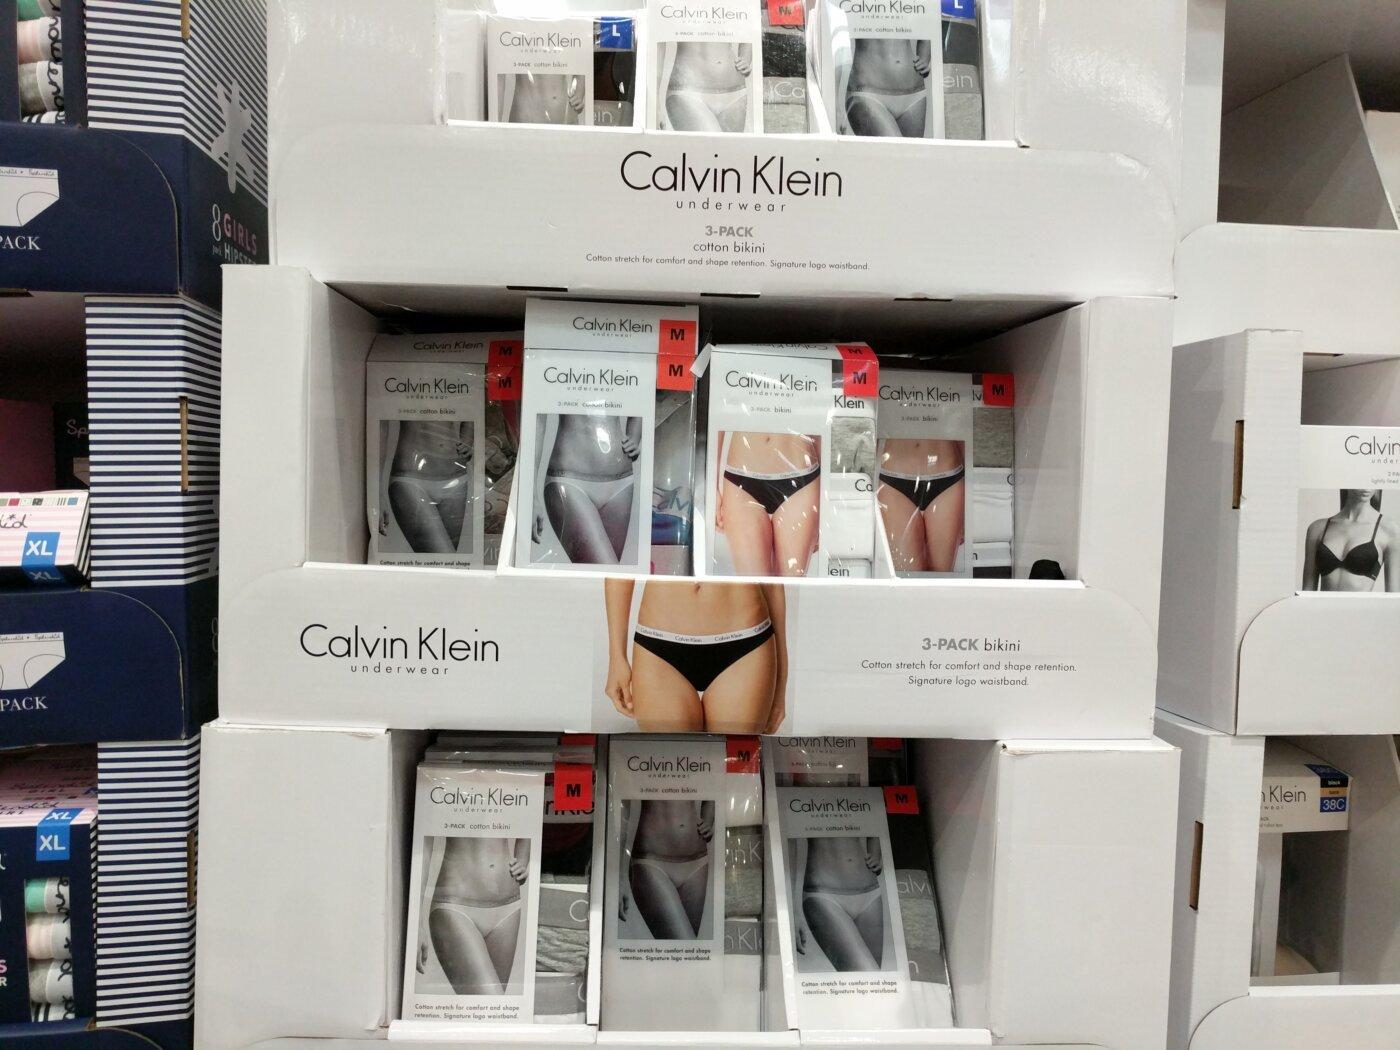 f14b4b6c8b Calvin Klein Ladies Cotton Stretch Bikini Underwear 3-pack ...